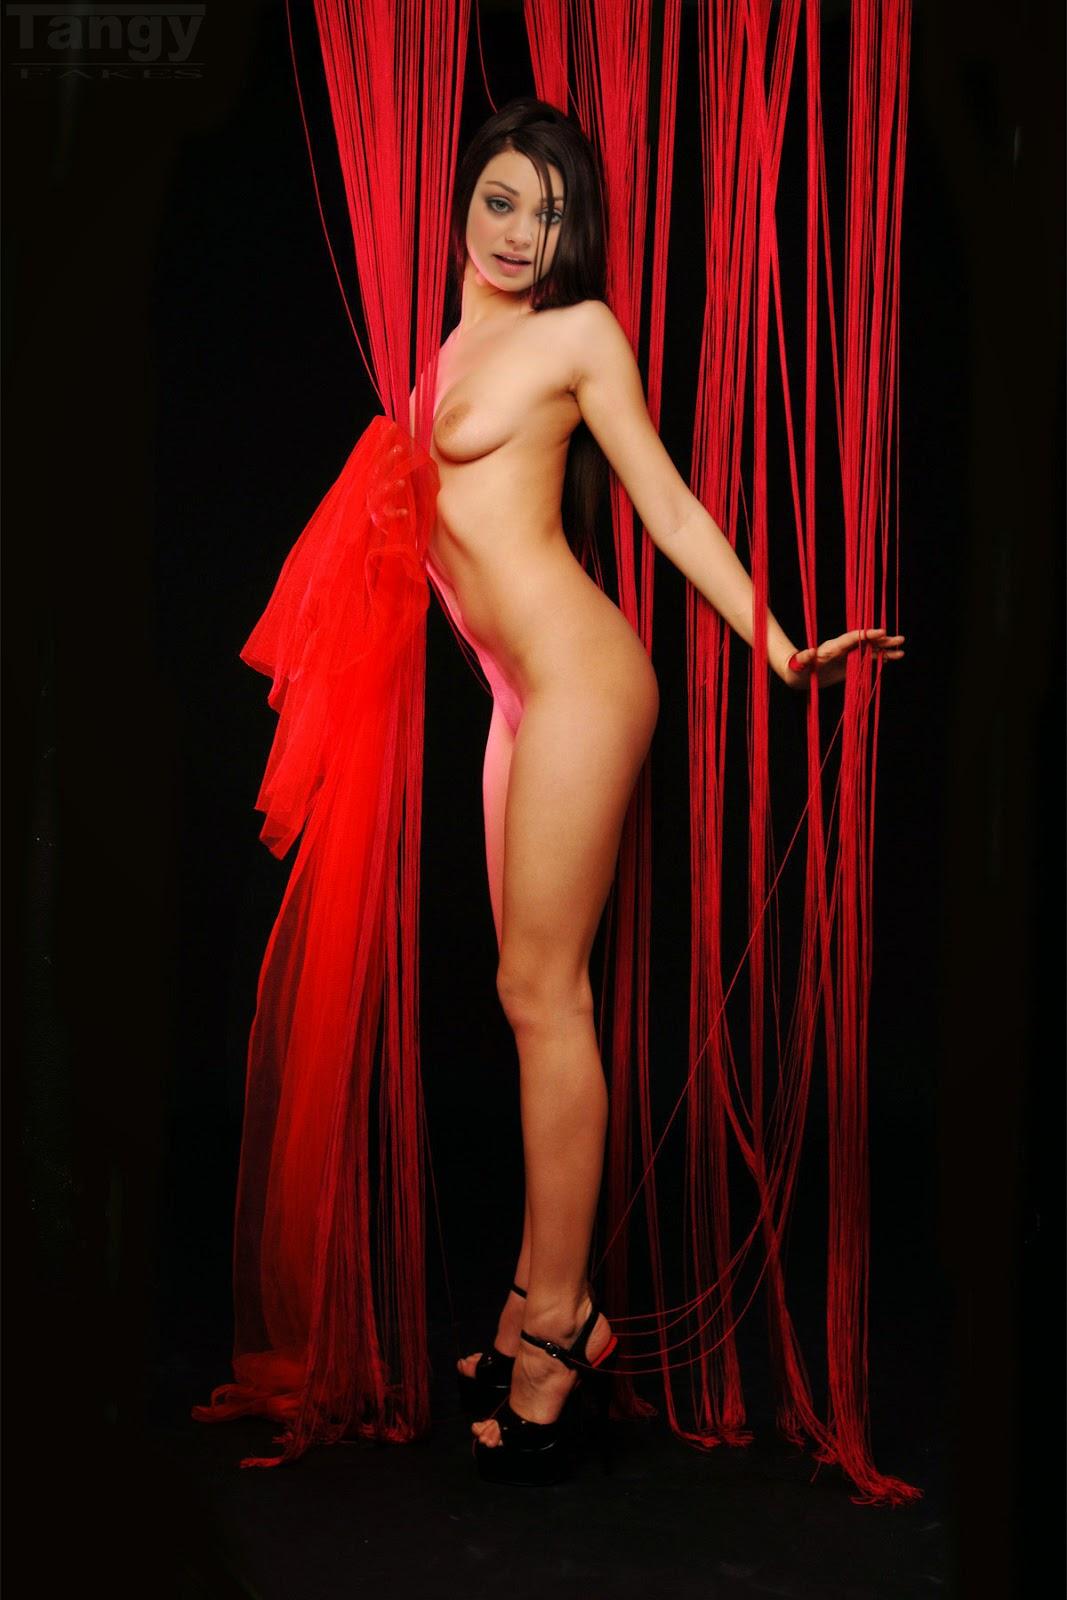 Nackt Bilder : Mila Kunis Nude Fakes   nackter arsch.com